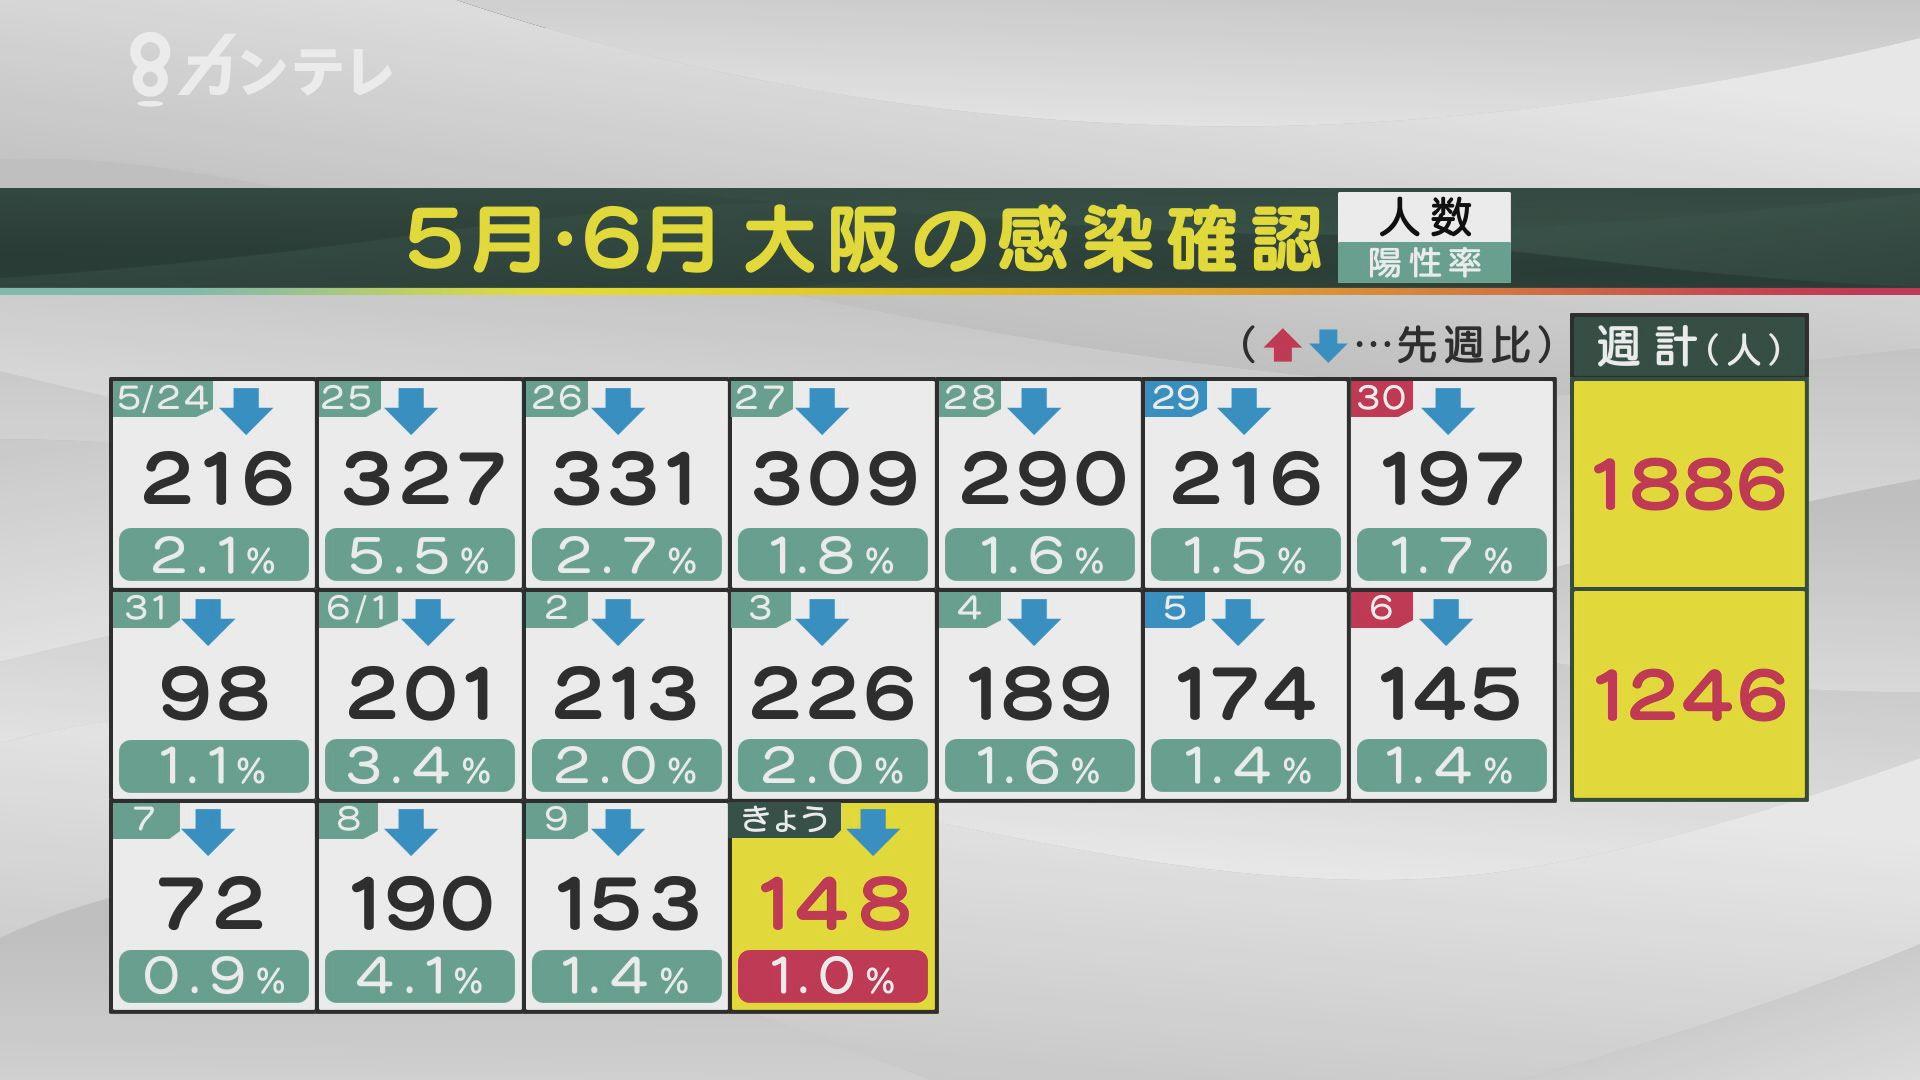 【速報】大阪で新たに148人の感染確認 感染者17人が死亡